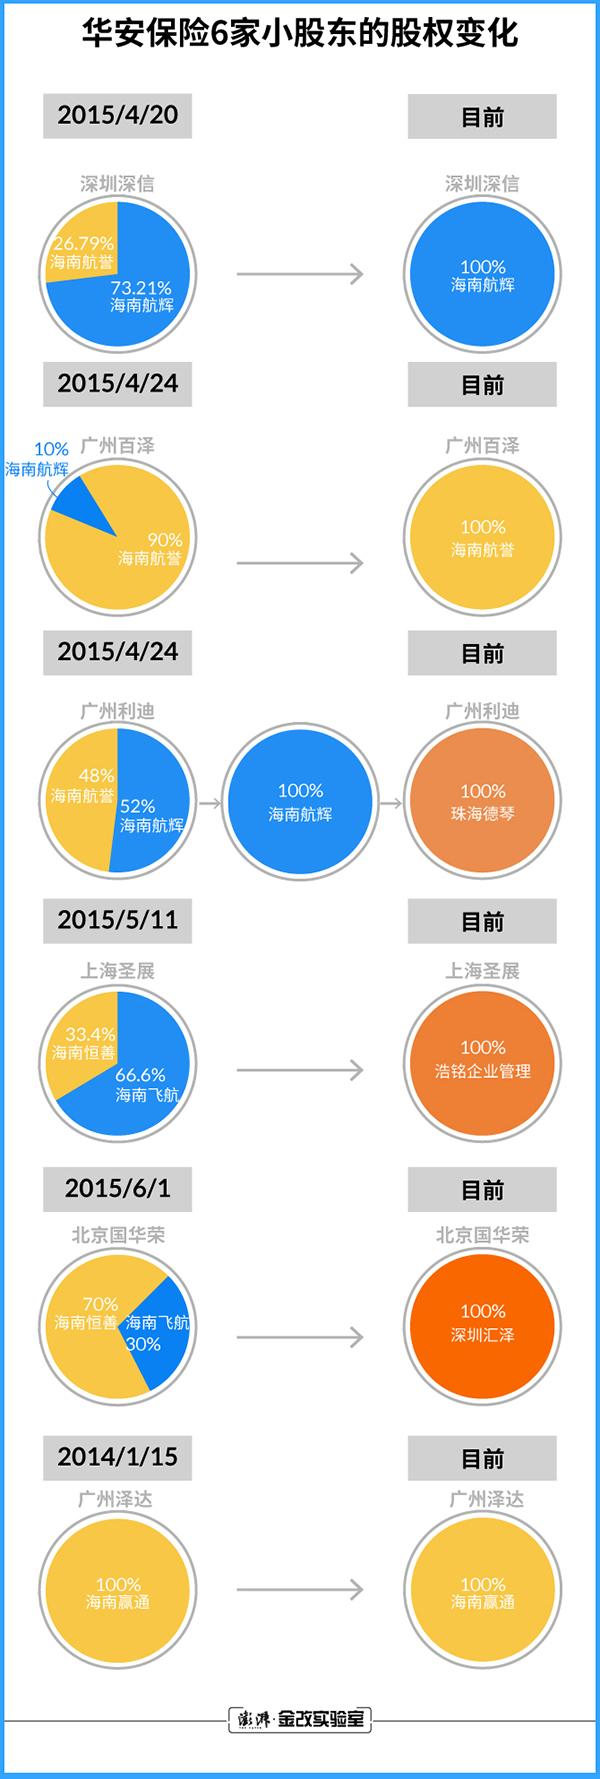 华安保险6家小股东的股权变化